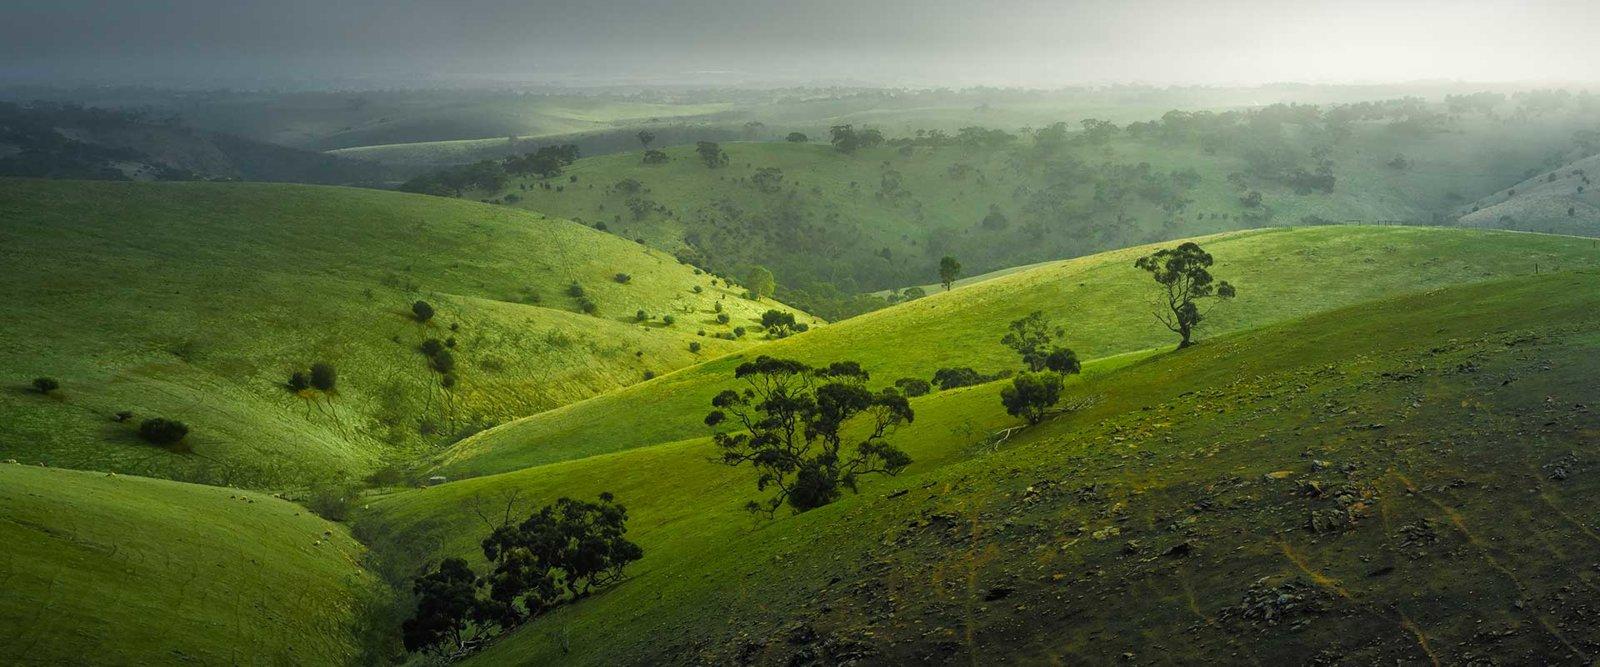 Adelaide HIlls Landscape.jpg